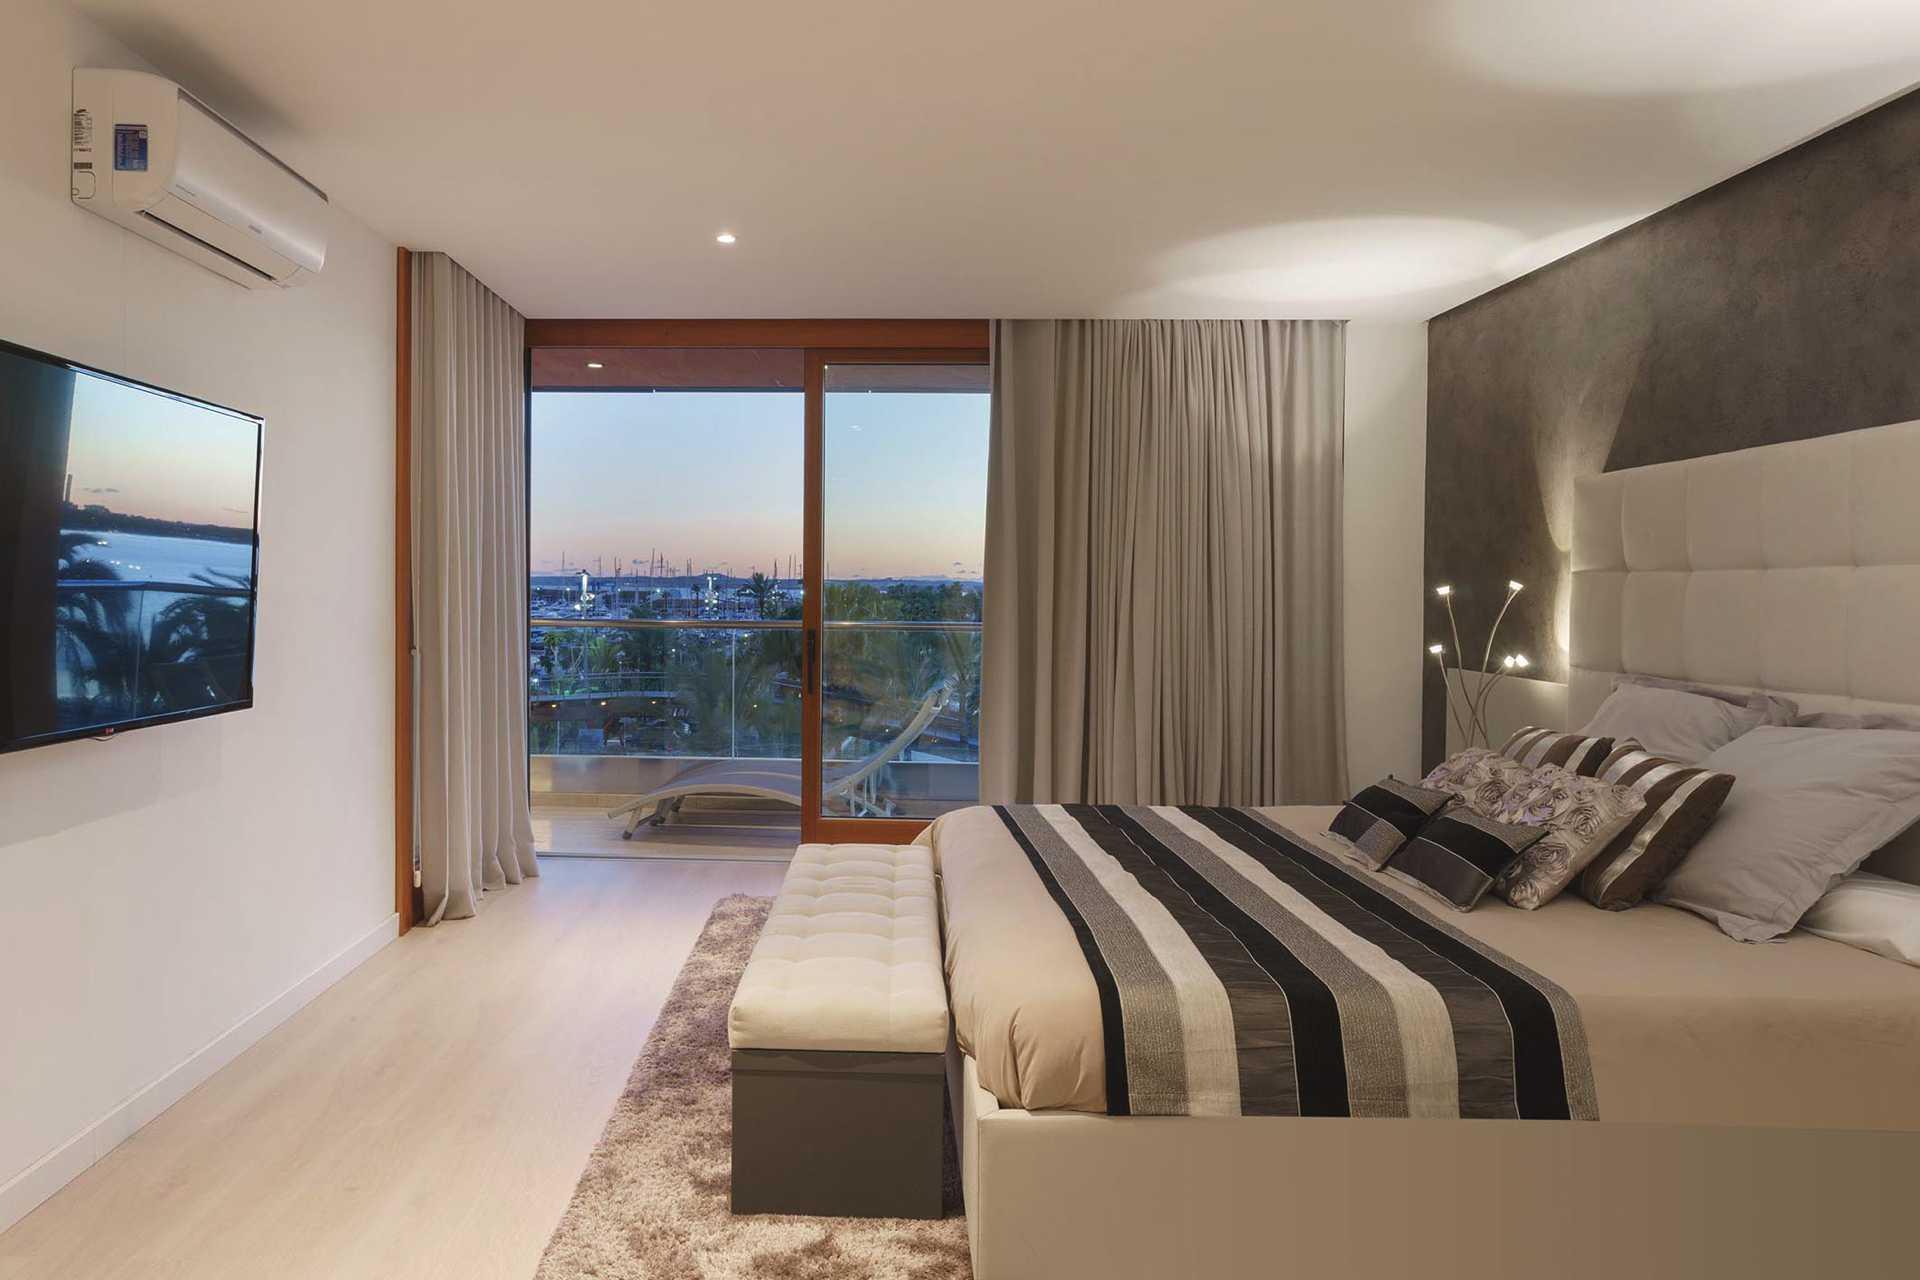 01-291 exclusive apartment Mallorca north Bild 34